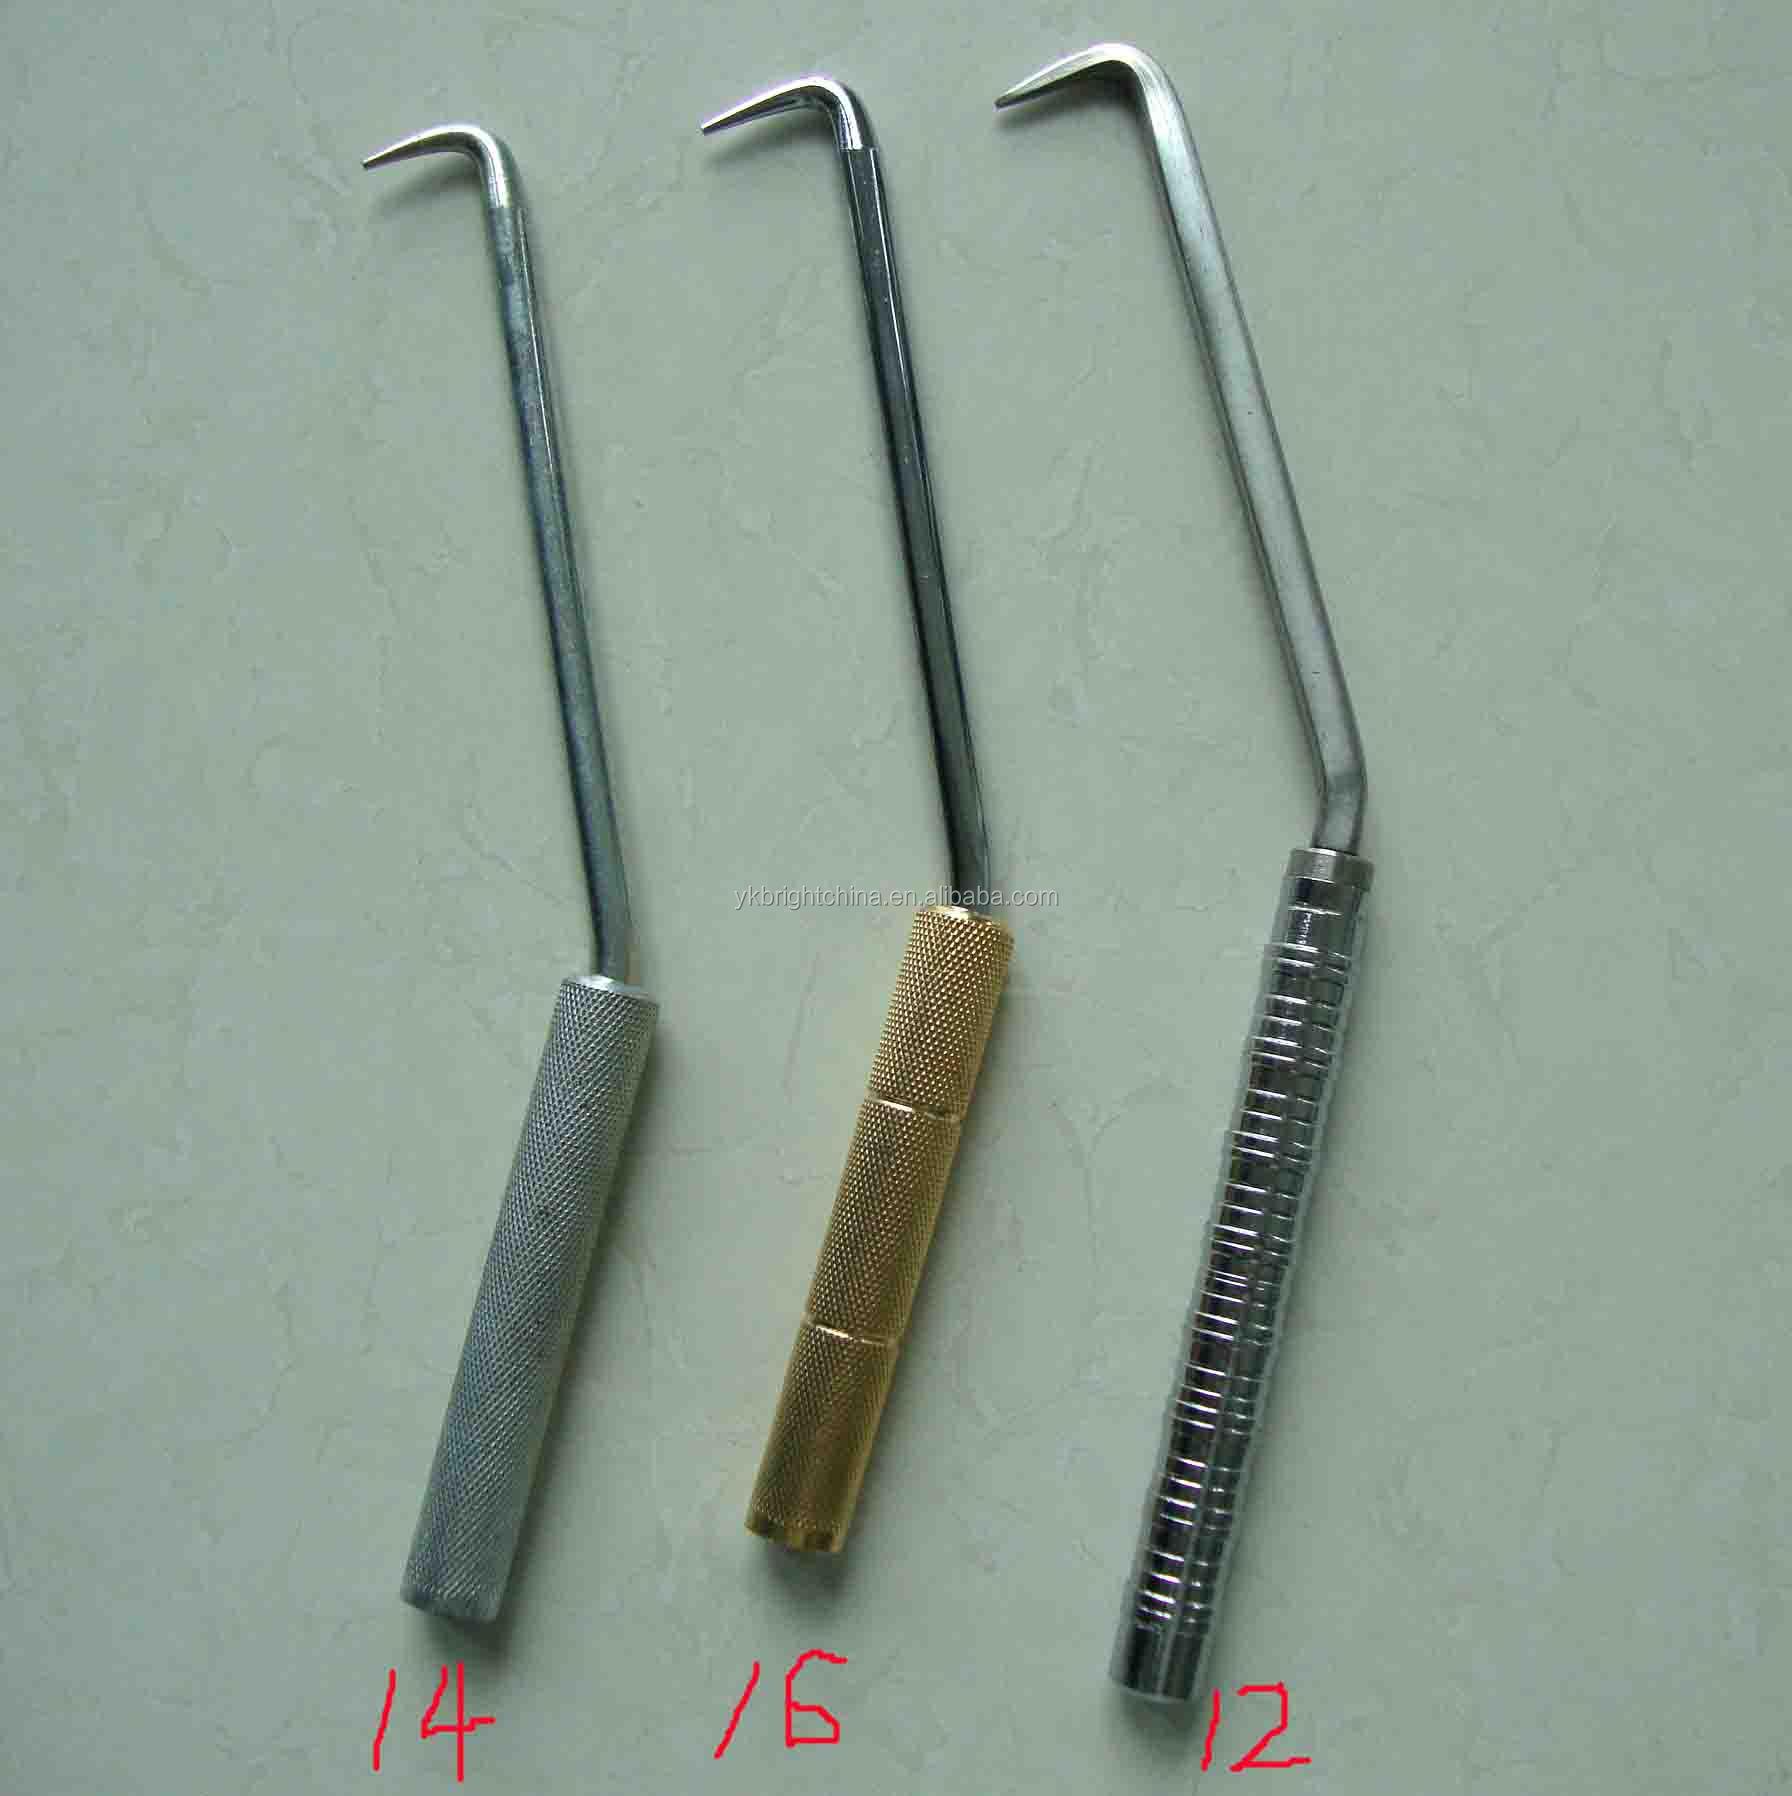 Factory Stainless Steel Wire Tie Tool Loop Tie Wire,Loop Wire Tie ...